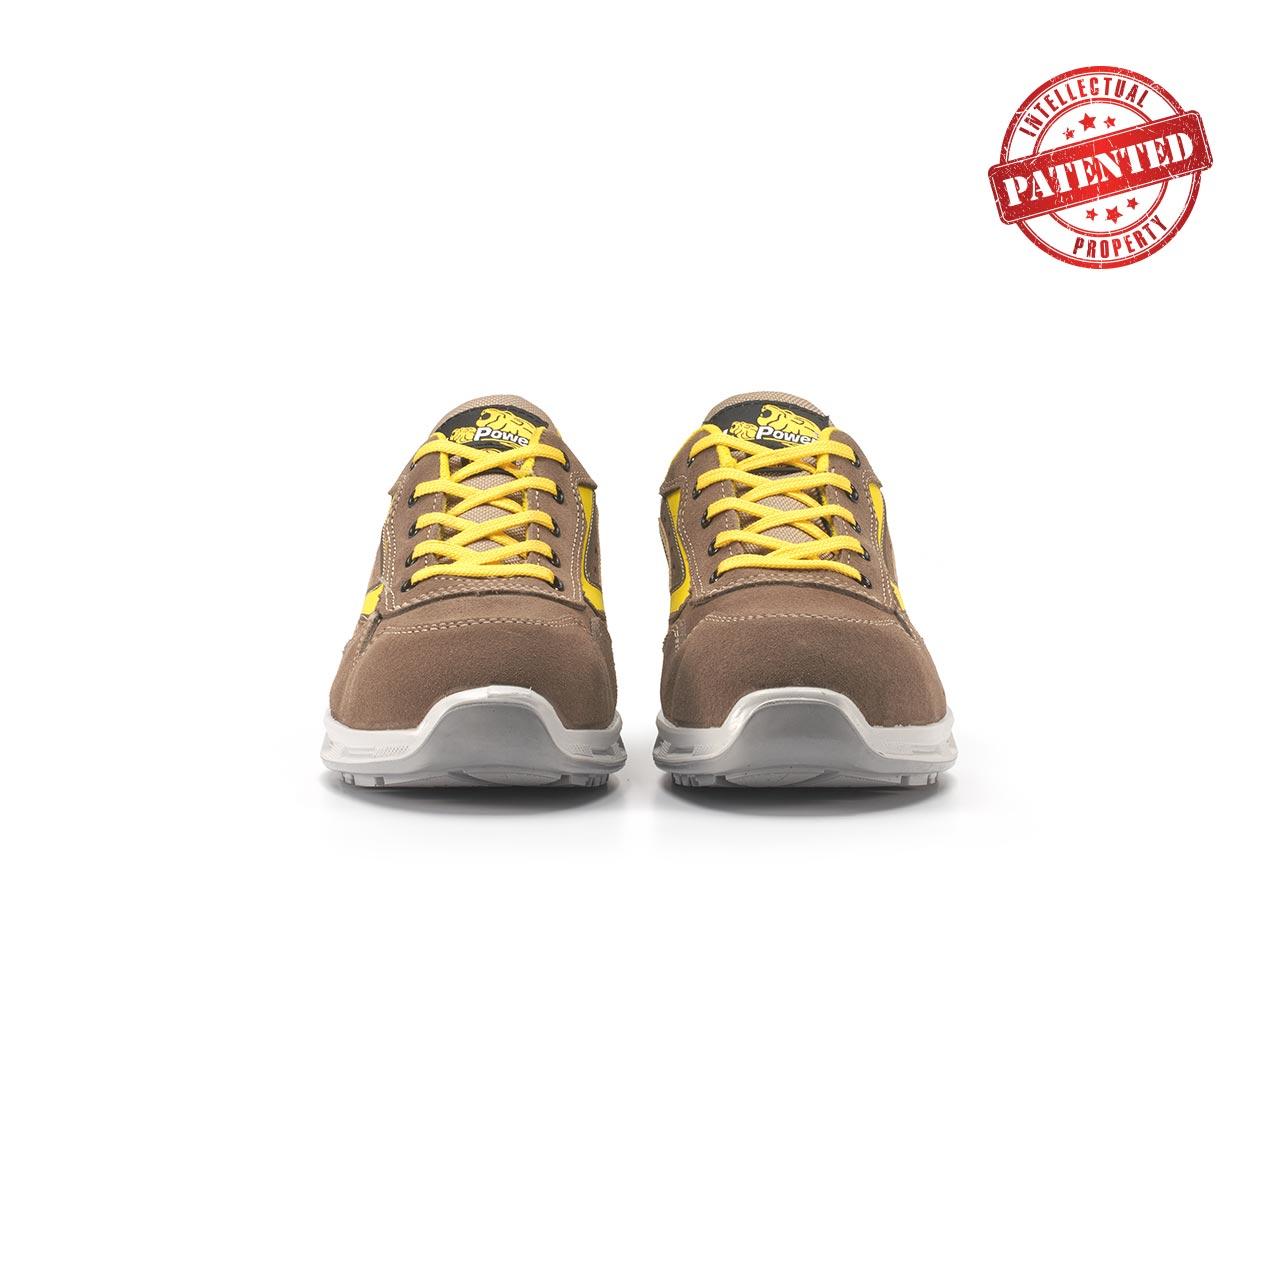 paio di scarpe antinfortunistiche upower modello adventure linea redlion vista frontale